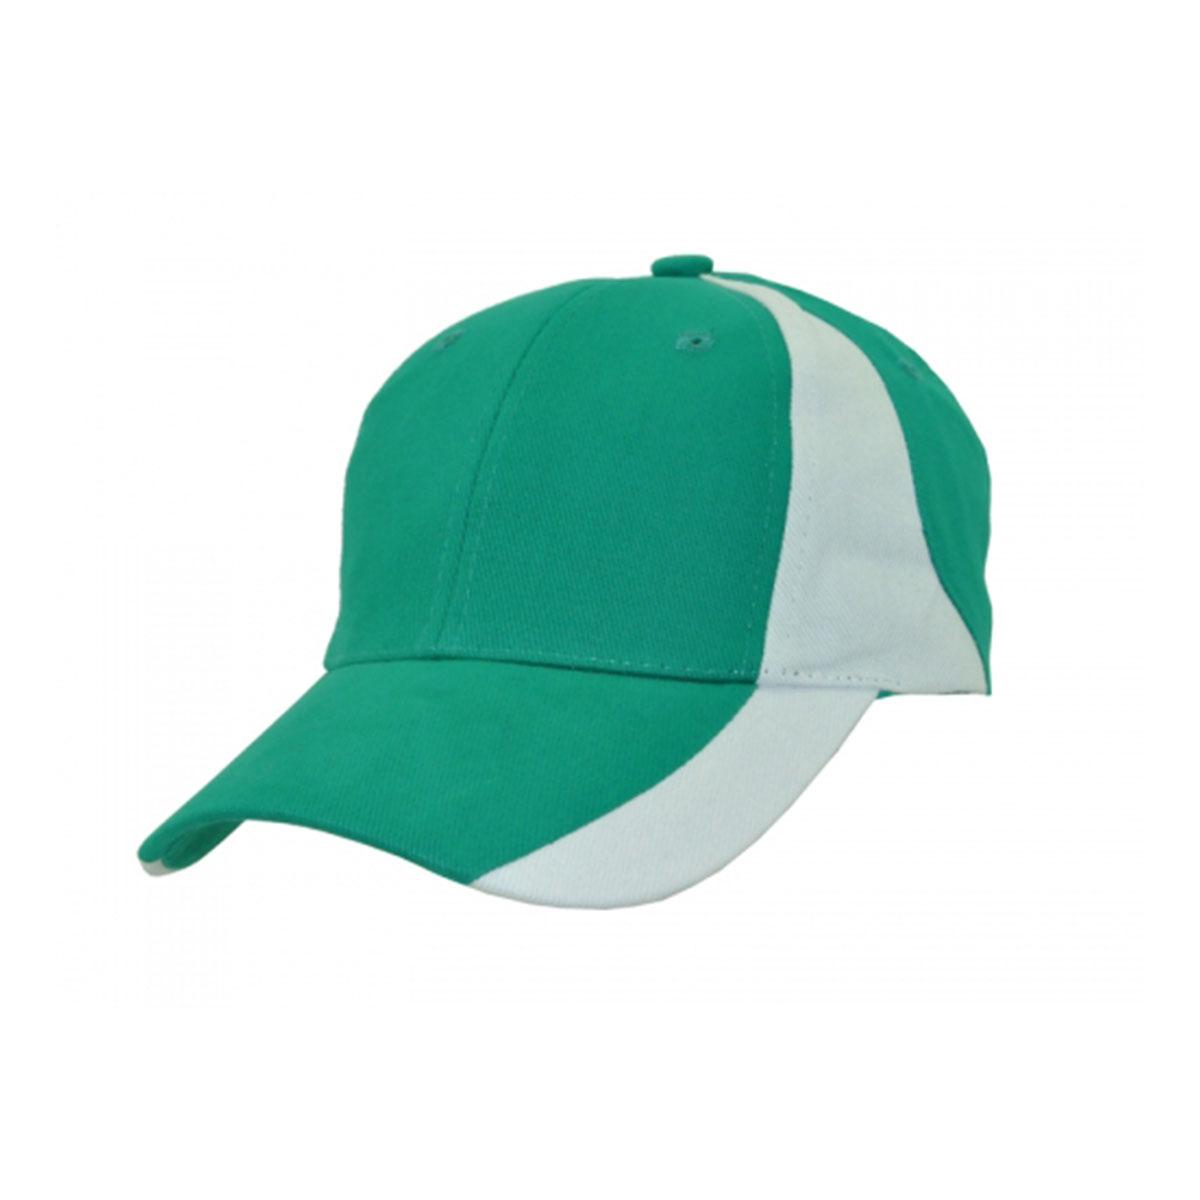 Vertek Cap-Jade / White